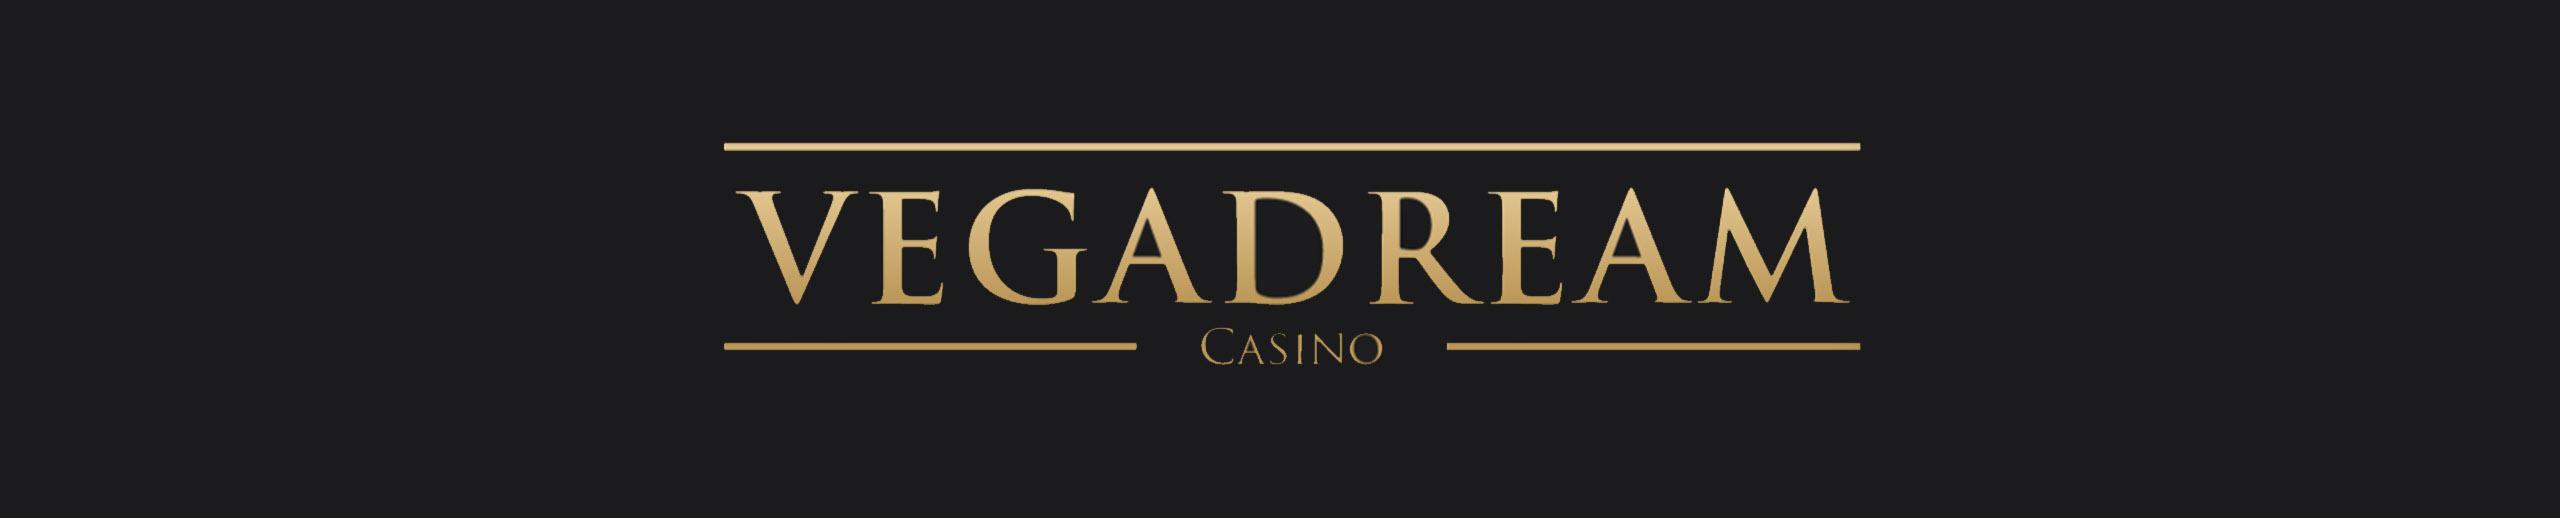 Vegadream Casino